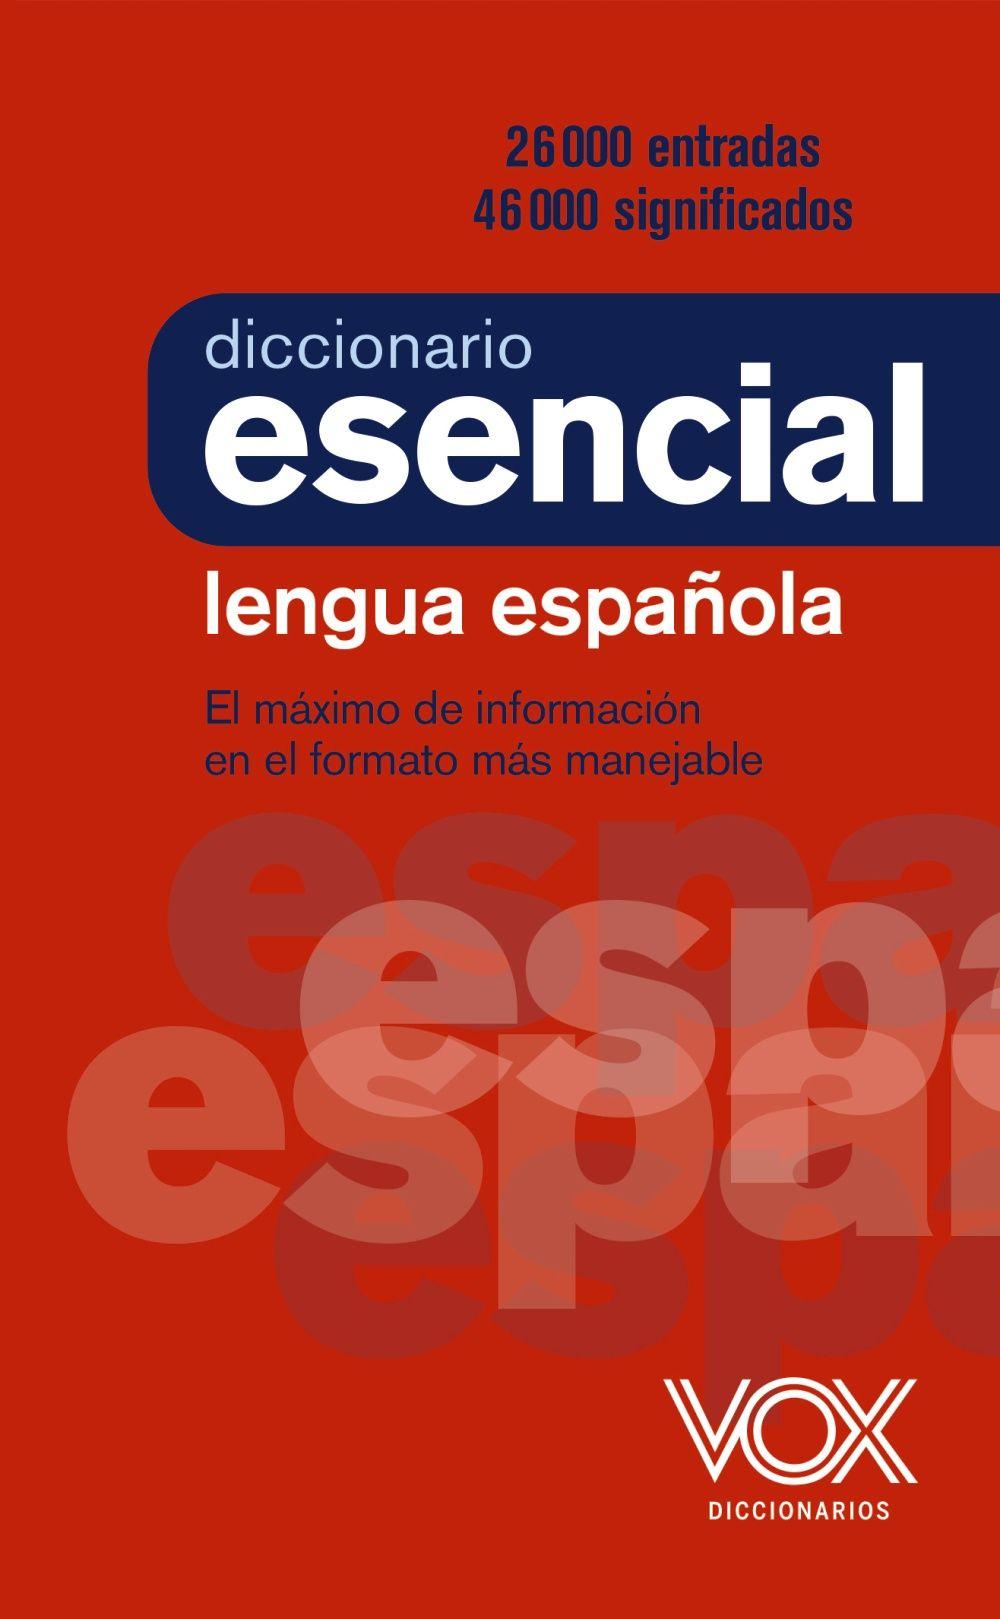 DICCIONARIO VOX ESENCIAL DE LENGUA ESPAÑOLA